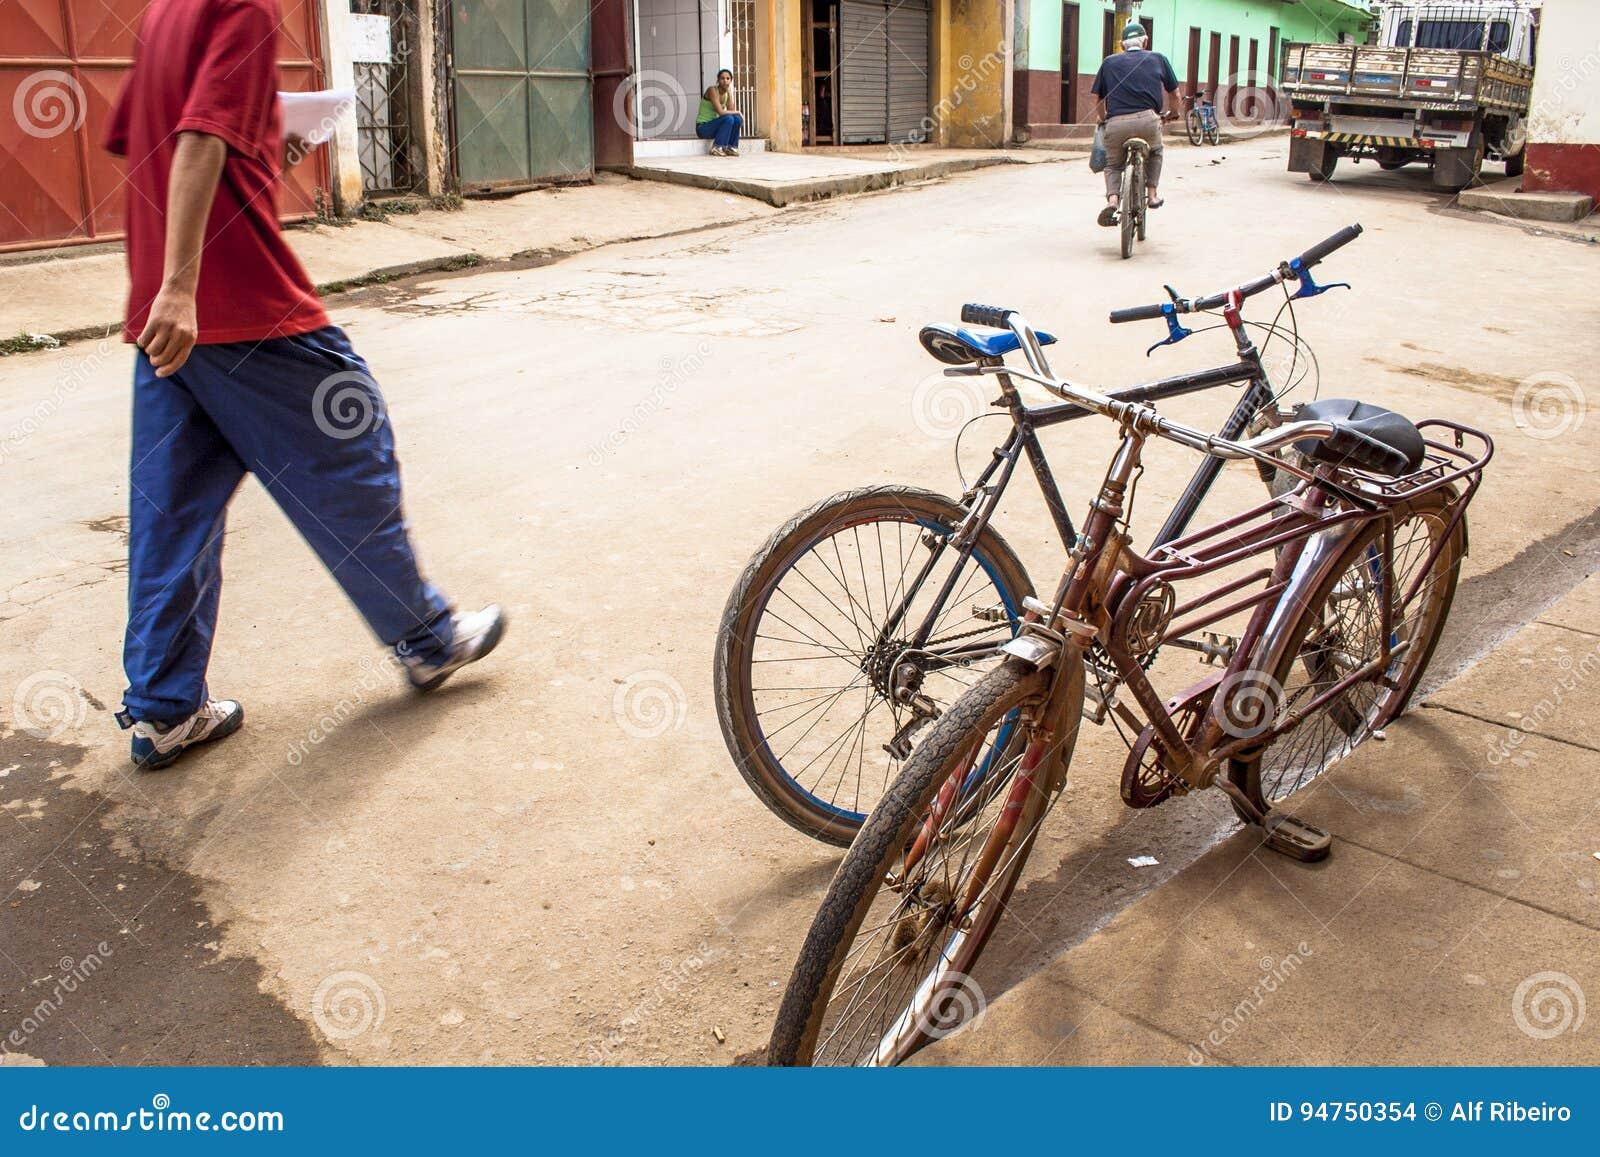 Stary bicykl parkujący na ulicie